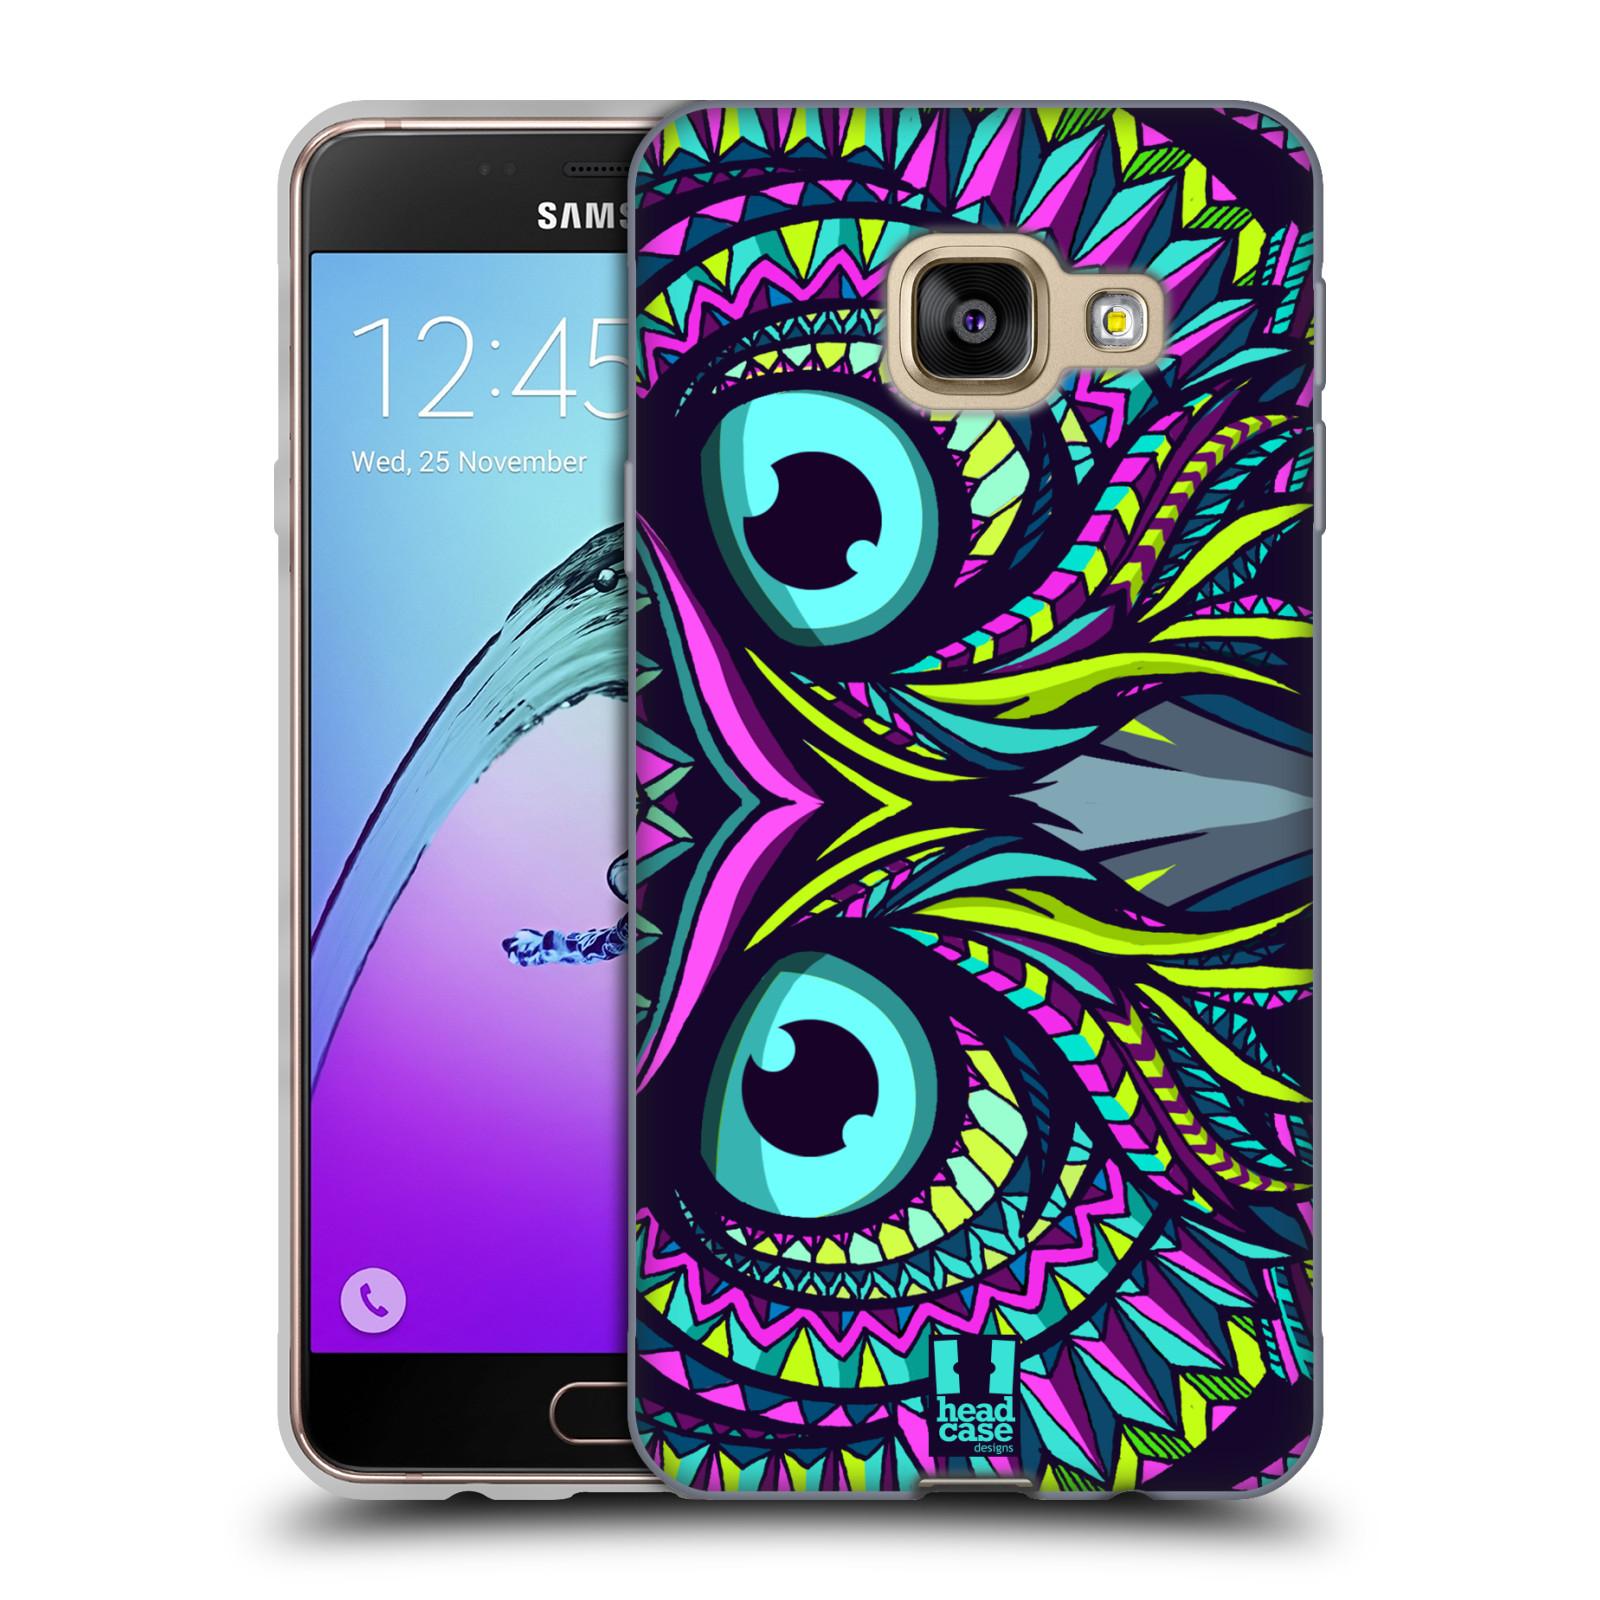 Silikonové pouzdro na mobil Samsung Galaxy A3 (2016) HEAD CASE AZTEC SOVA